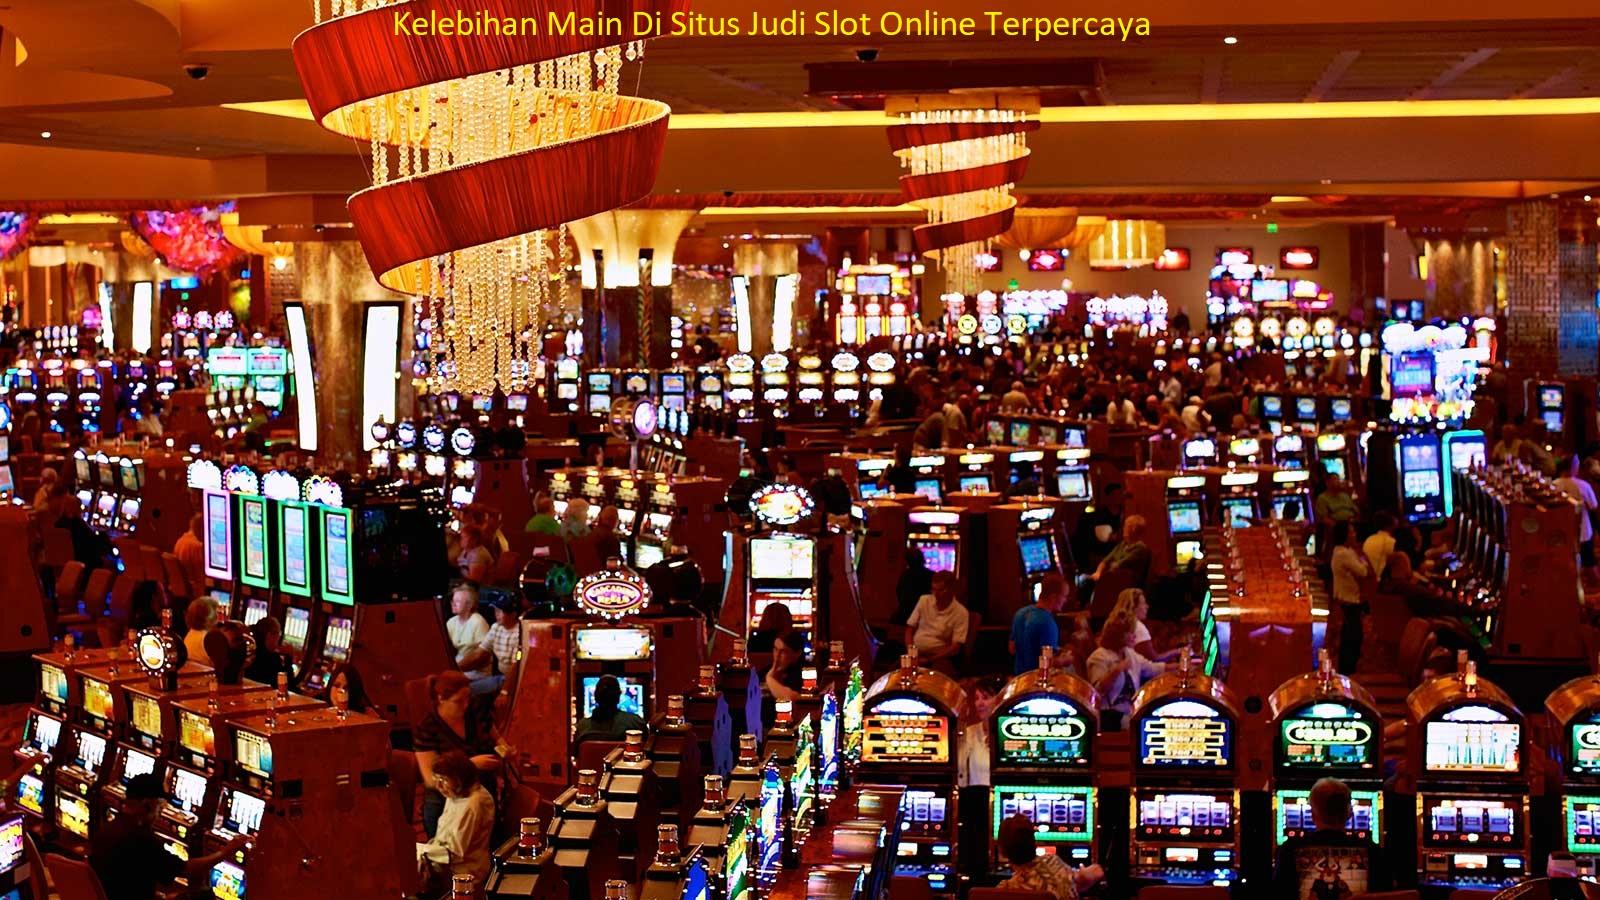 Kelebihan Main Di Situs Judi Slot Online Terpercaya